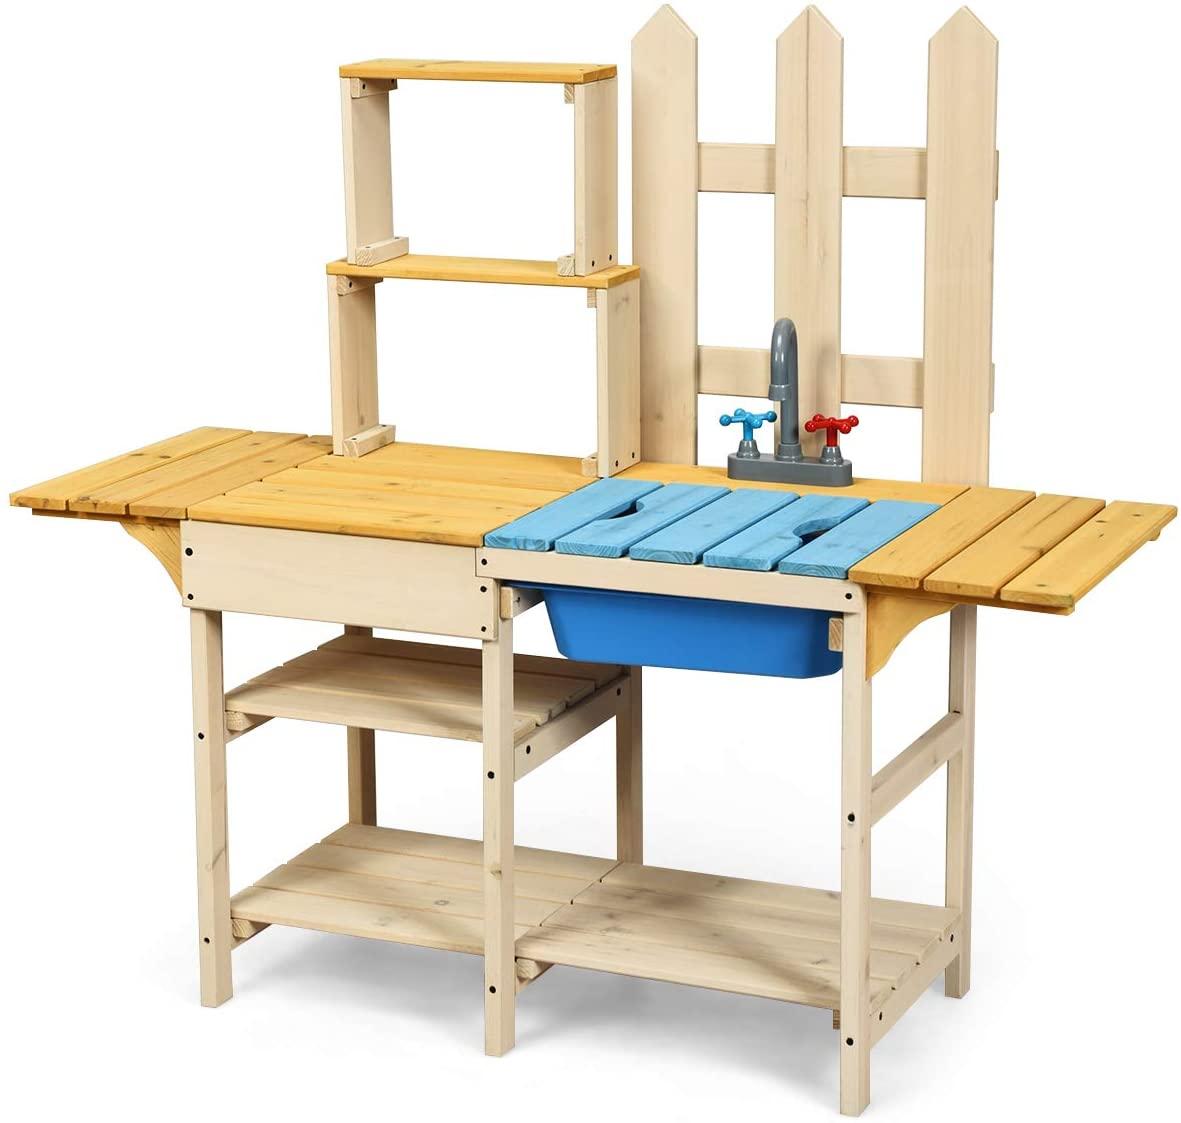 Costzon mud kitchen for kids